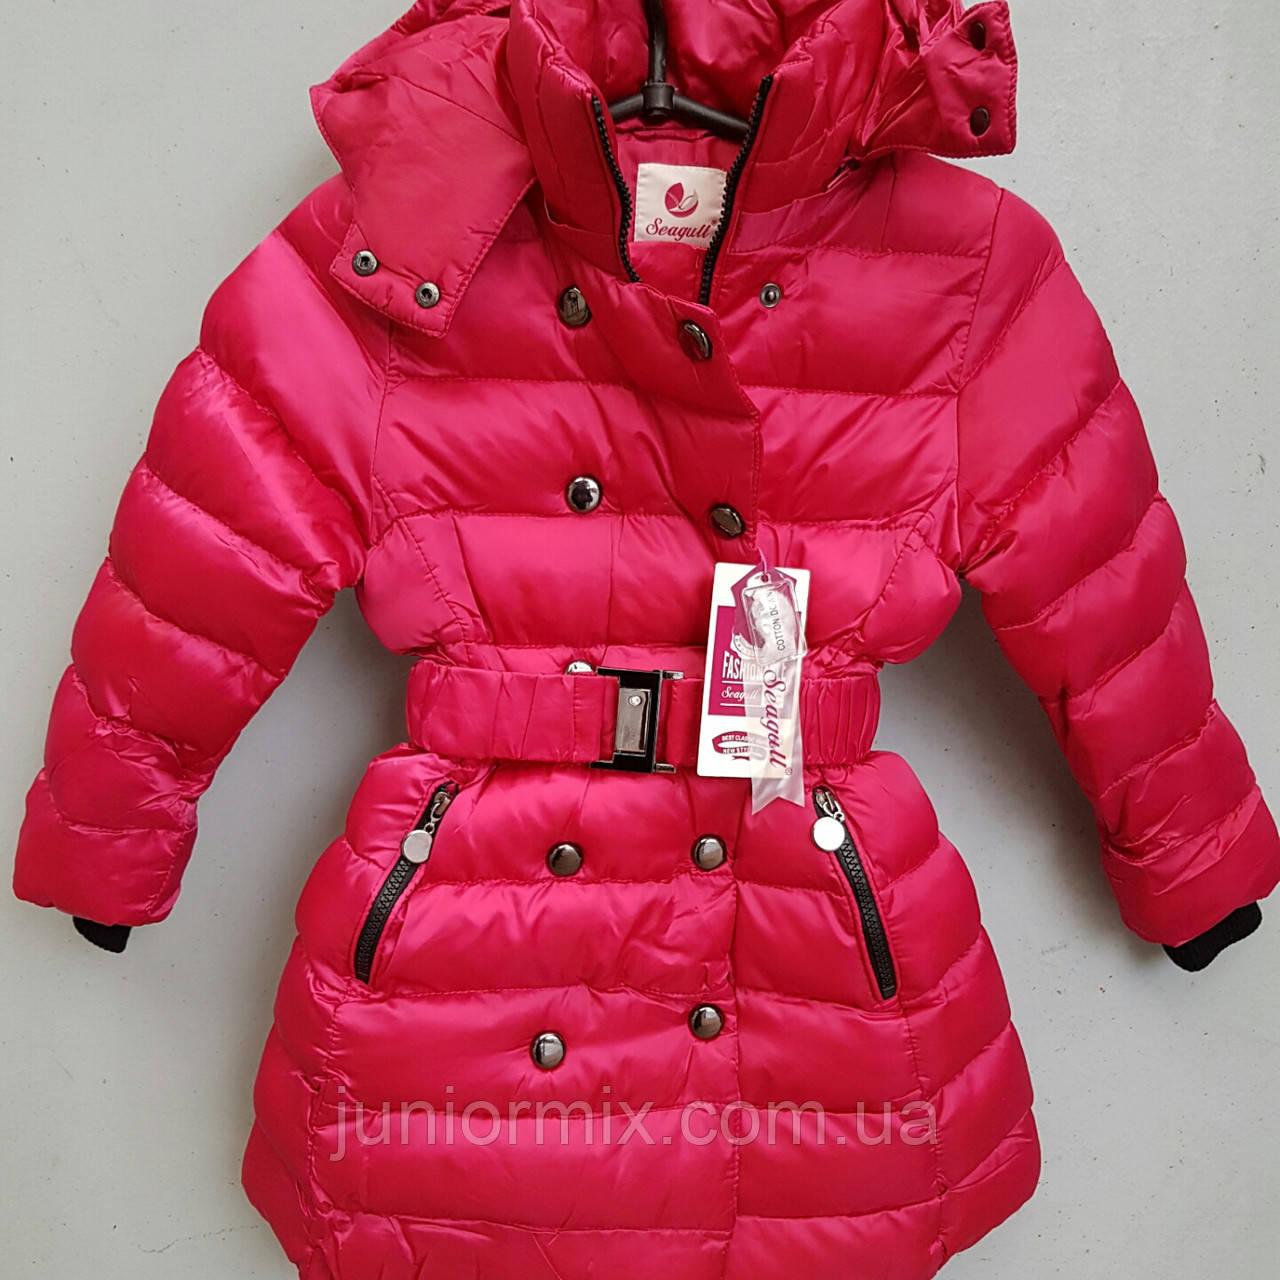 e7a8038e6fd5 Купить Куртка зимняя на девочку SEAGULL. в Хмельницком от компании